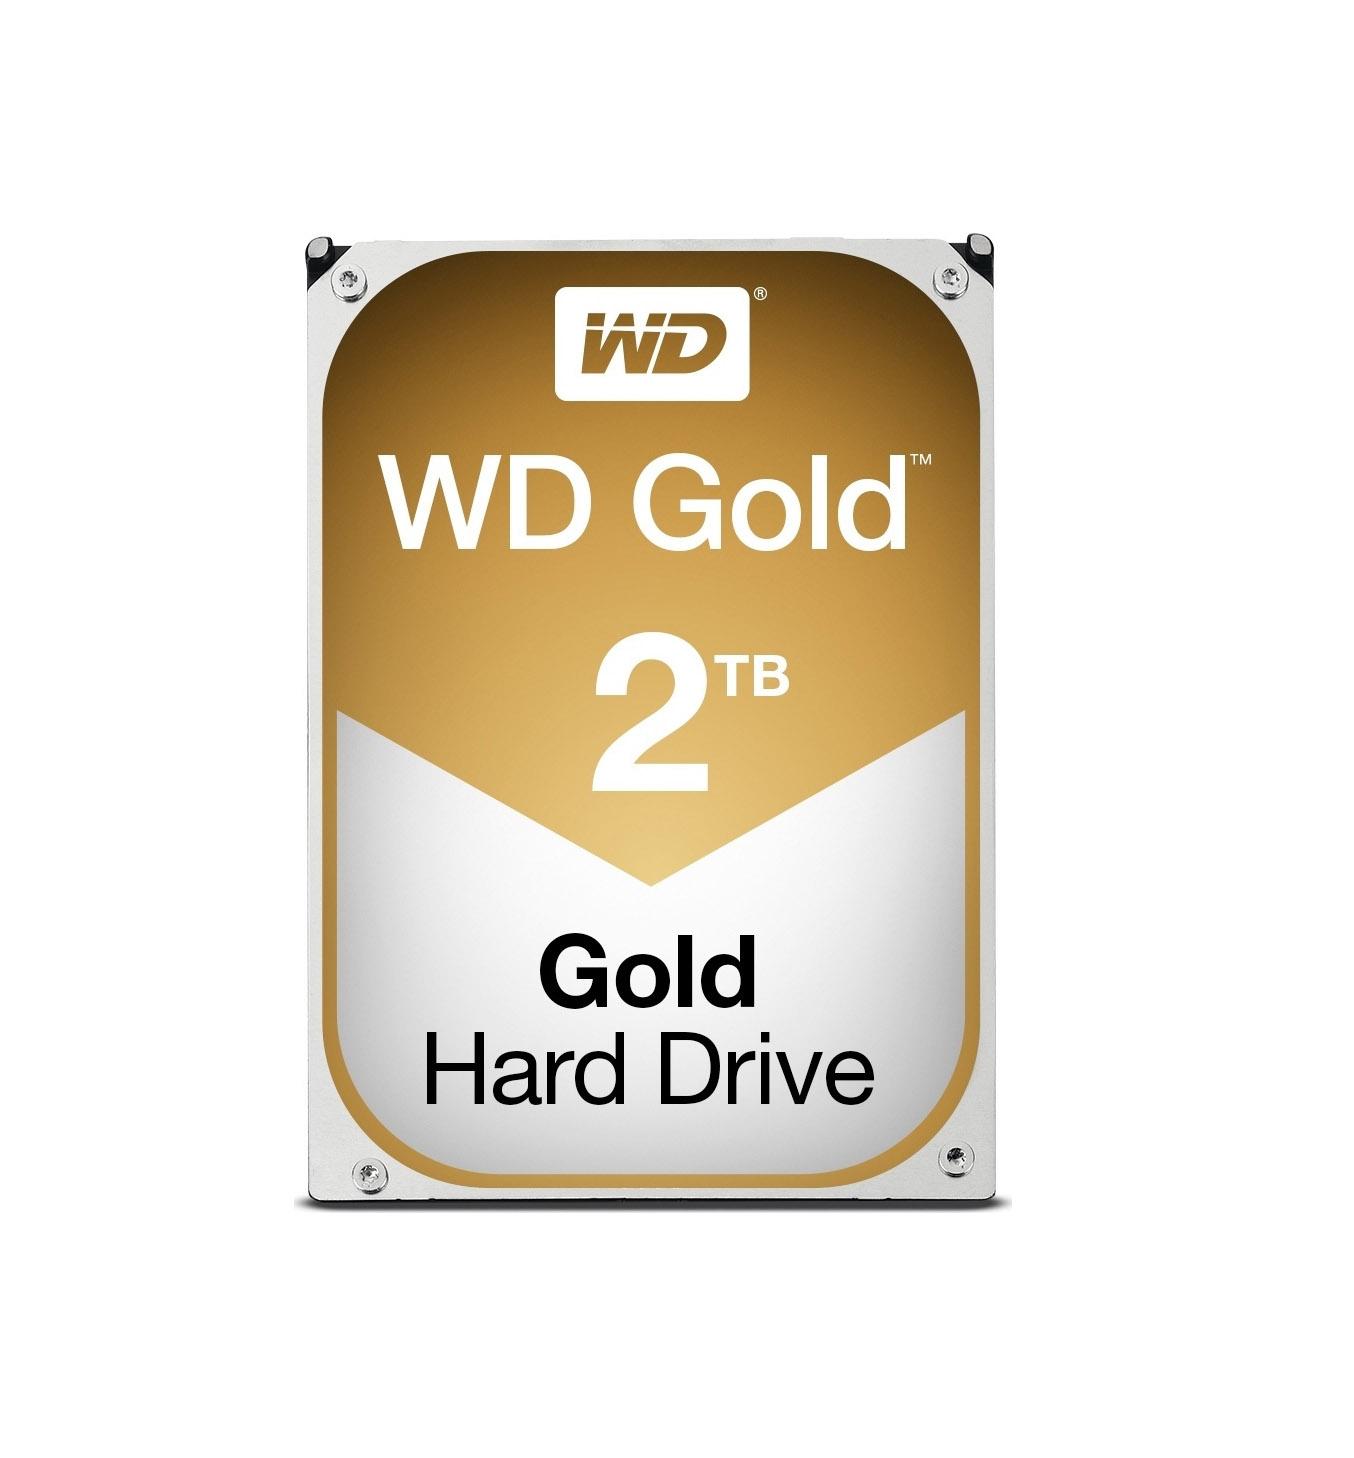 Western Digital Gold 2TB WD2005FBYZ Σκληρός Δίσκος Sata 3